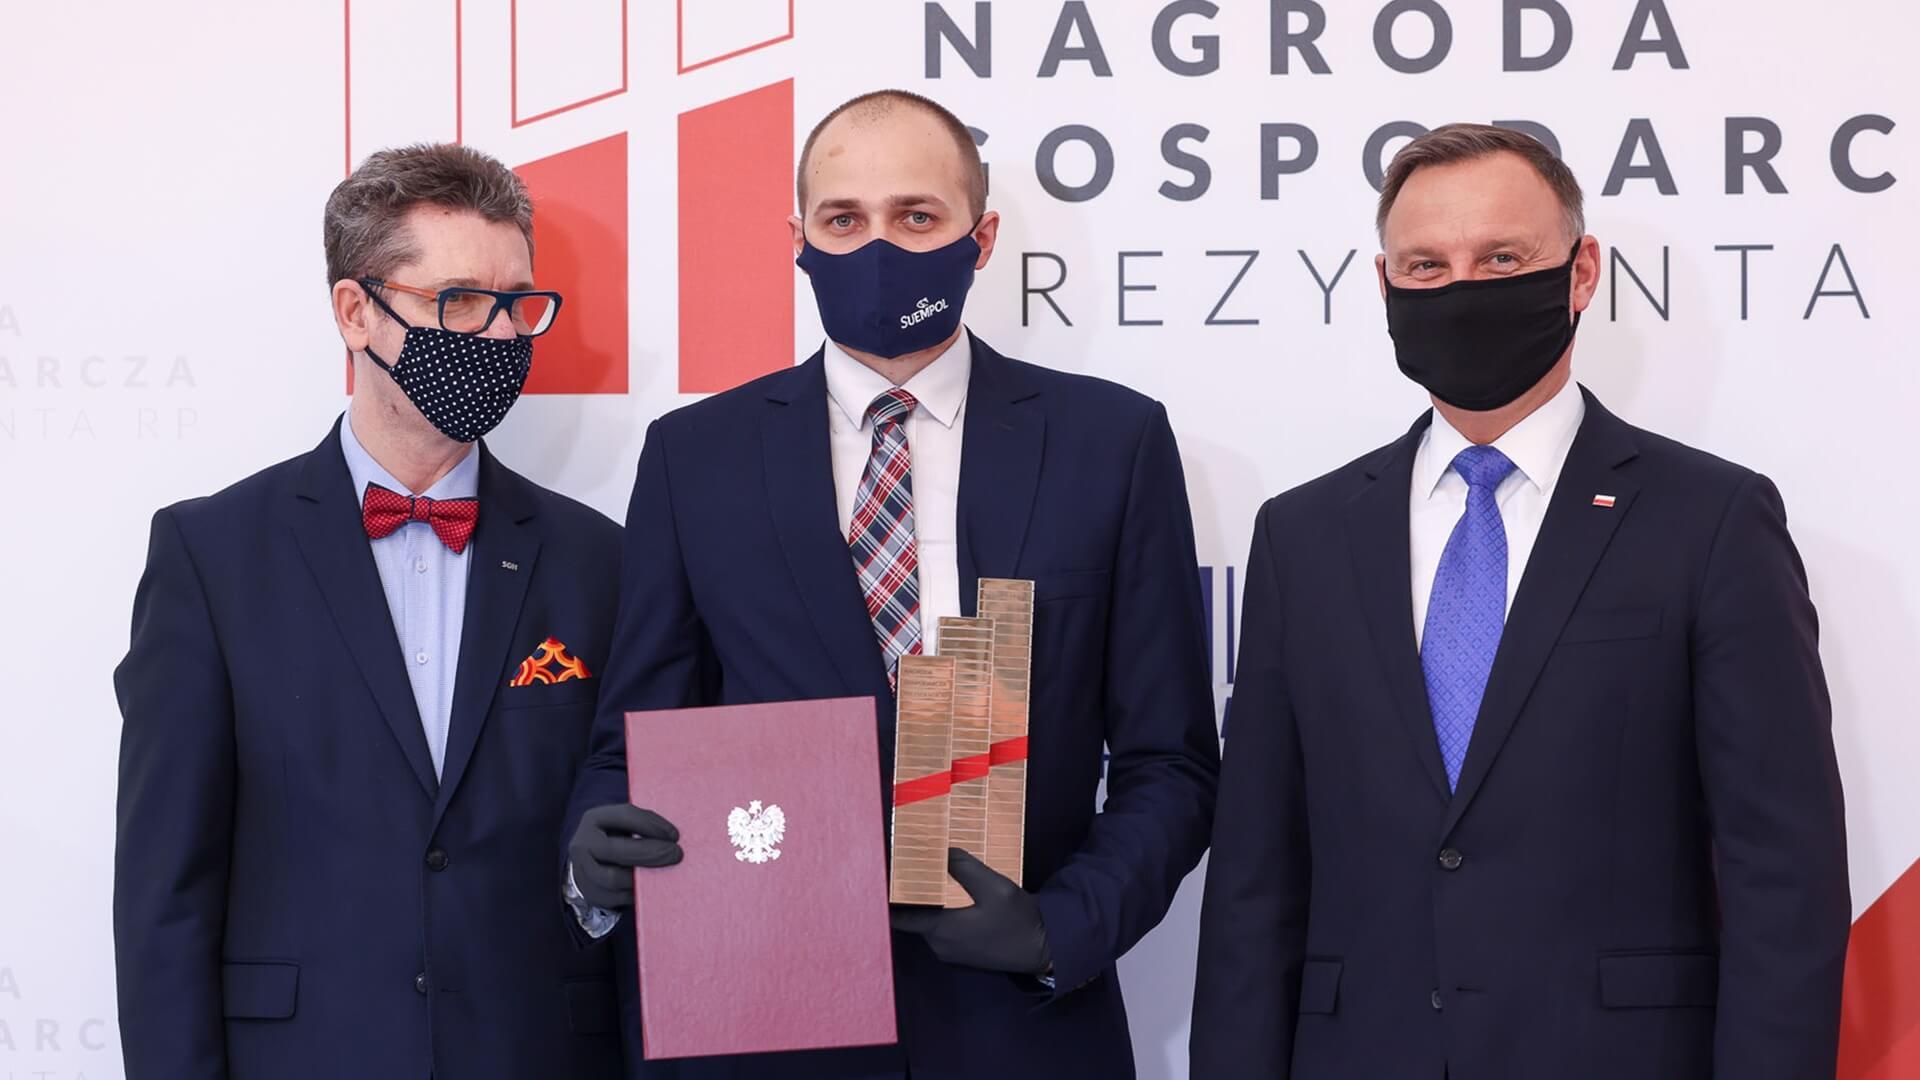 Przedstawiciele firmy Suempol odbierają Nagrodę Gospodarczą z rąk Prezydenta RP Andrzeja Dudy, fot. Jakub Szymczuk / KPRP